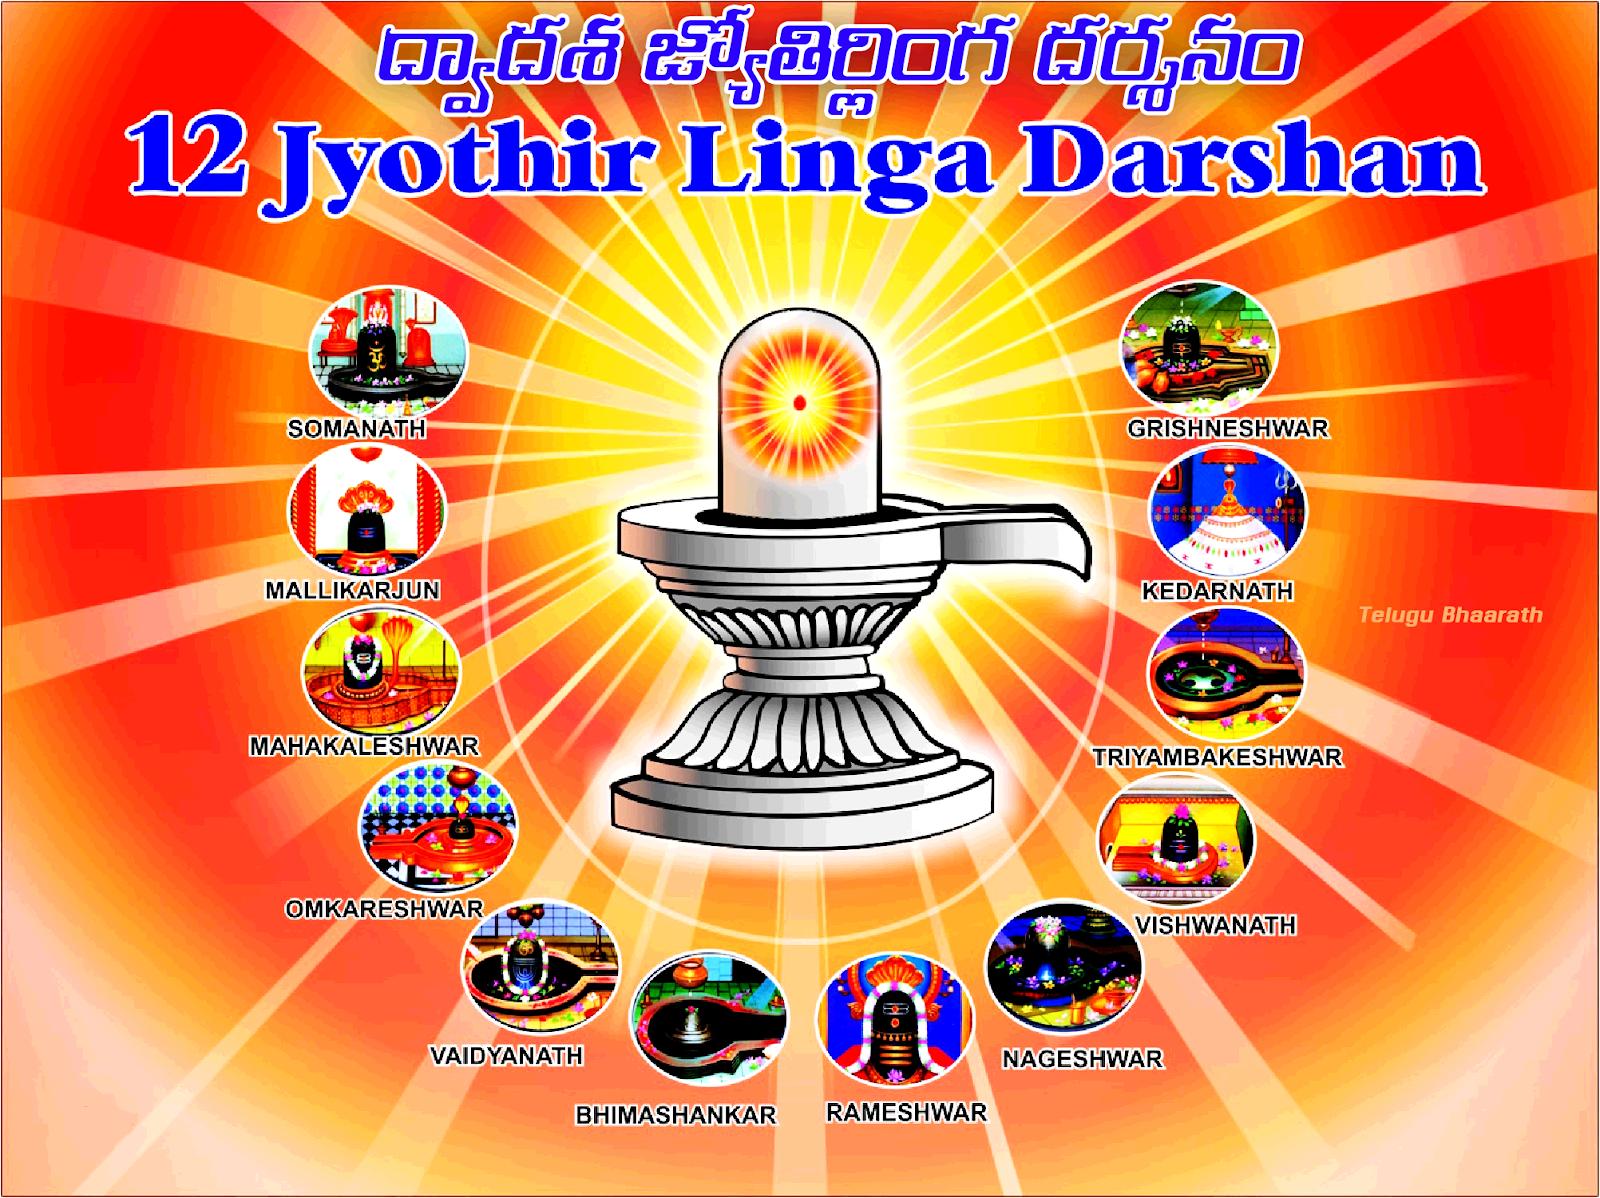 ద్వాదశ జ్యోతిర్లింగ దర్శనం - Dwadasa Jyotirlinga Darshanam